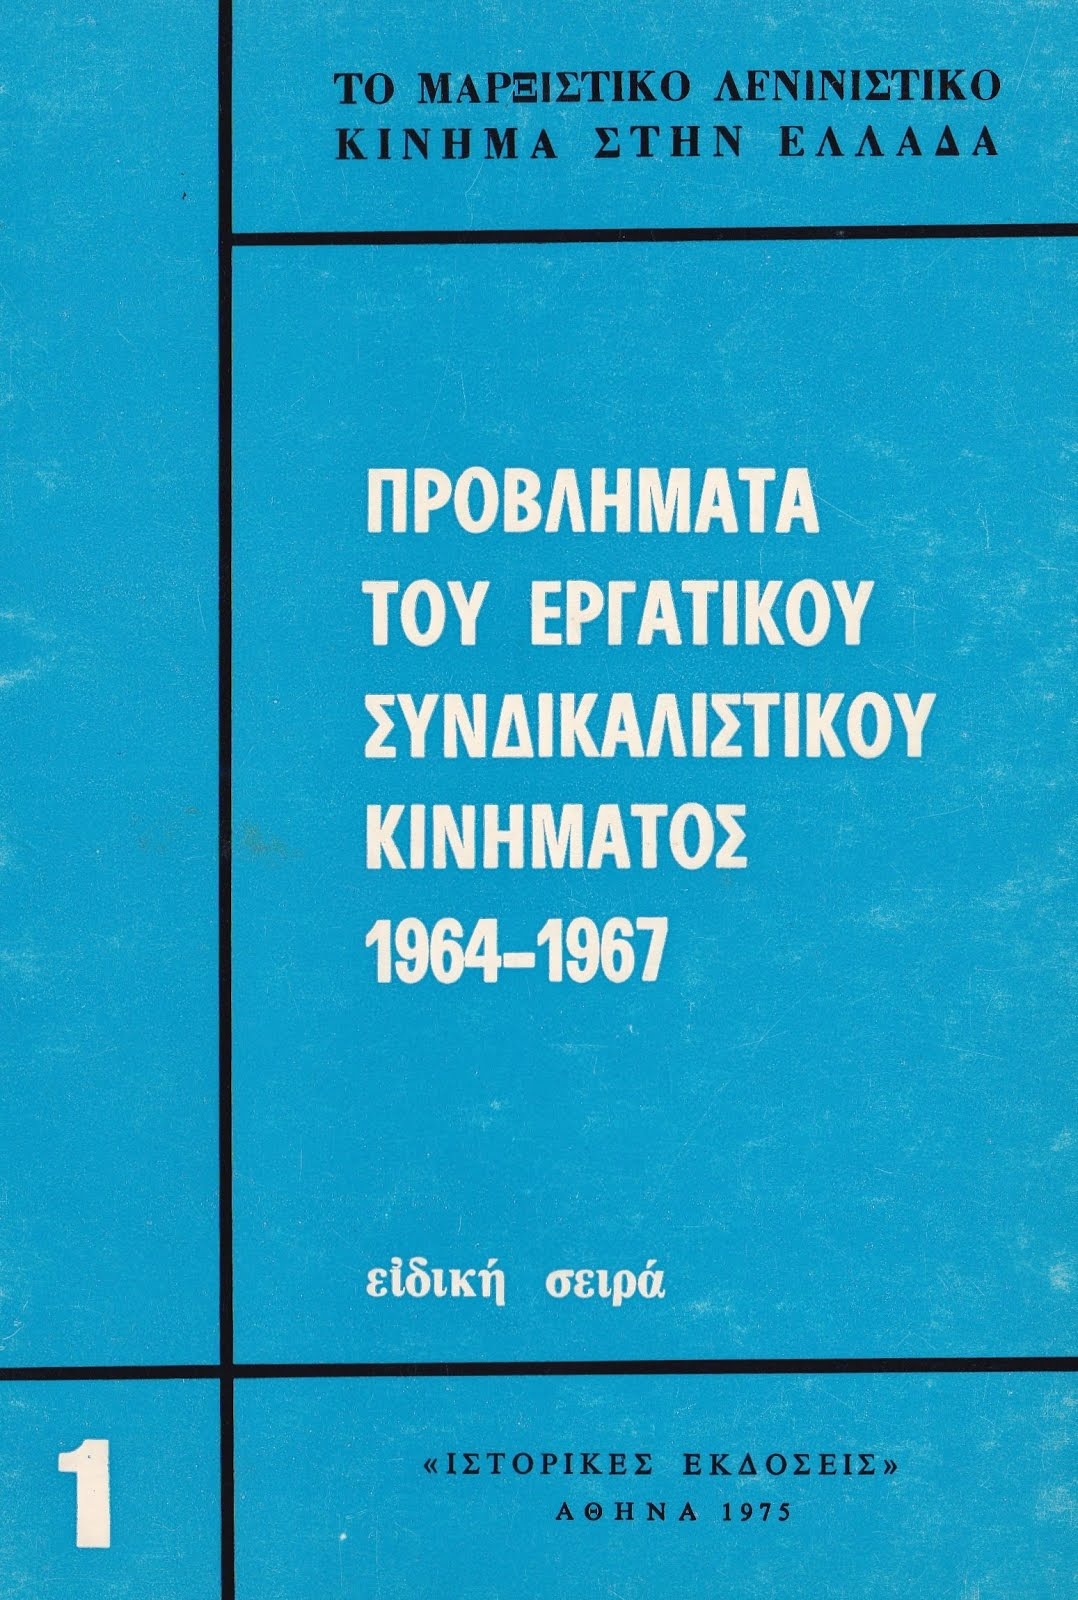 ΠΡΟΒΛΗΜΑΤΑ ΤΟΥ ΕΡΓΑΤΙΚΟΥ ΣΥΝΔΙΚΑΛΙΣΤΙΚΟΥ ΚΙΝΗΜΑΤΟΣ 1964-1967 (1)